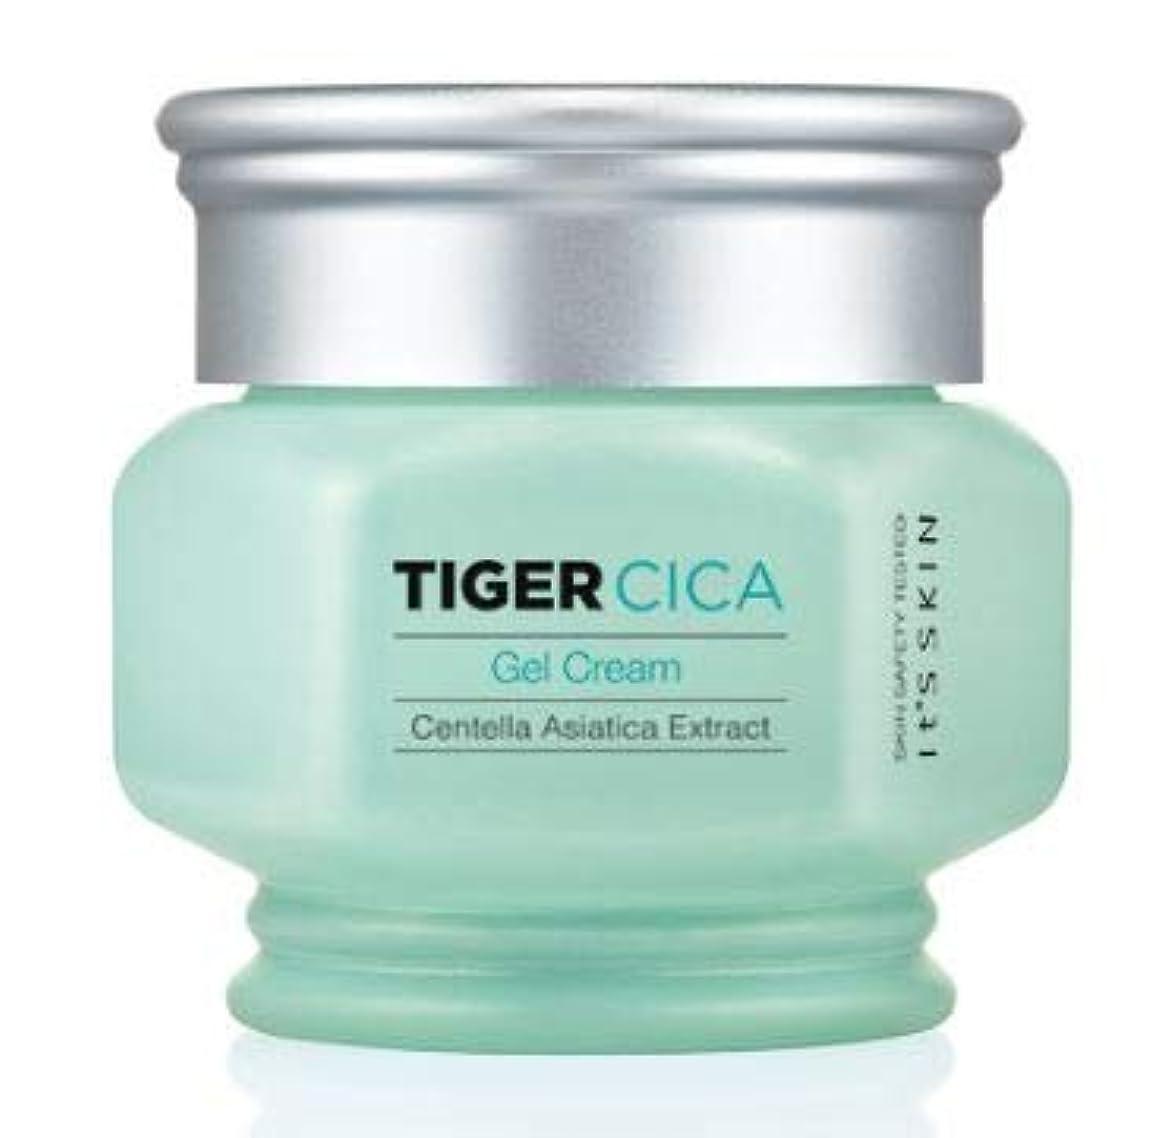 家畜シーフード砦[It's Skin] Tiger Cica Gel Cream /[イッツスキン] タイガーシカ ジェル クリーム [並行輸入品]